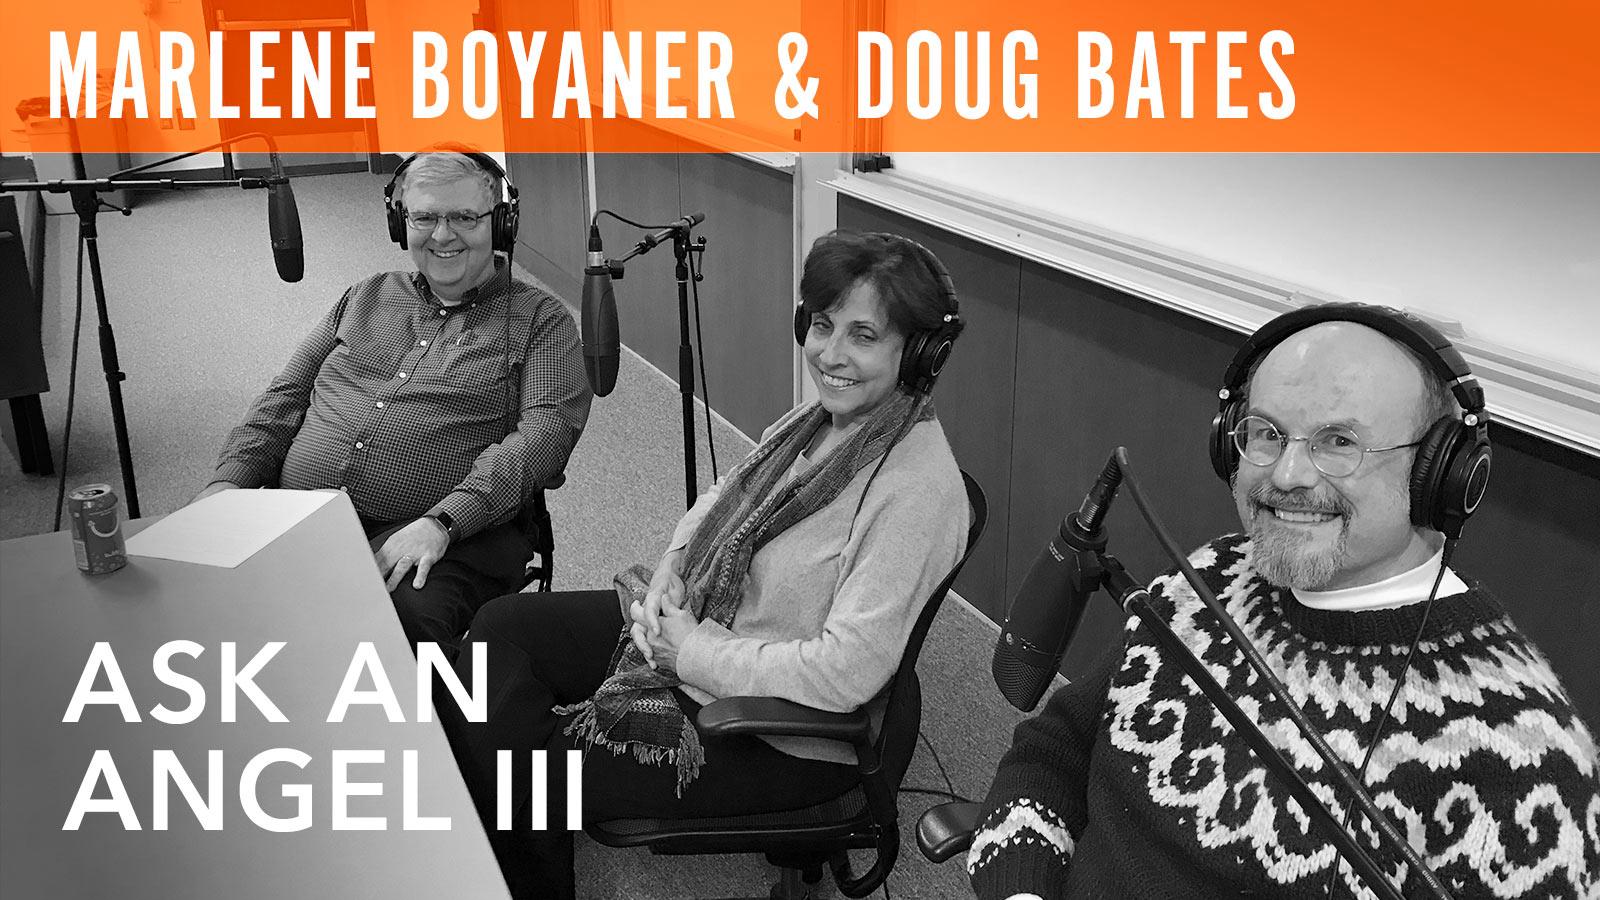 Marlene Boyaner & Doug Bates  Ask an Angel III